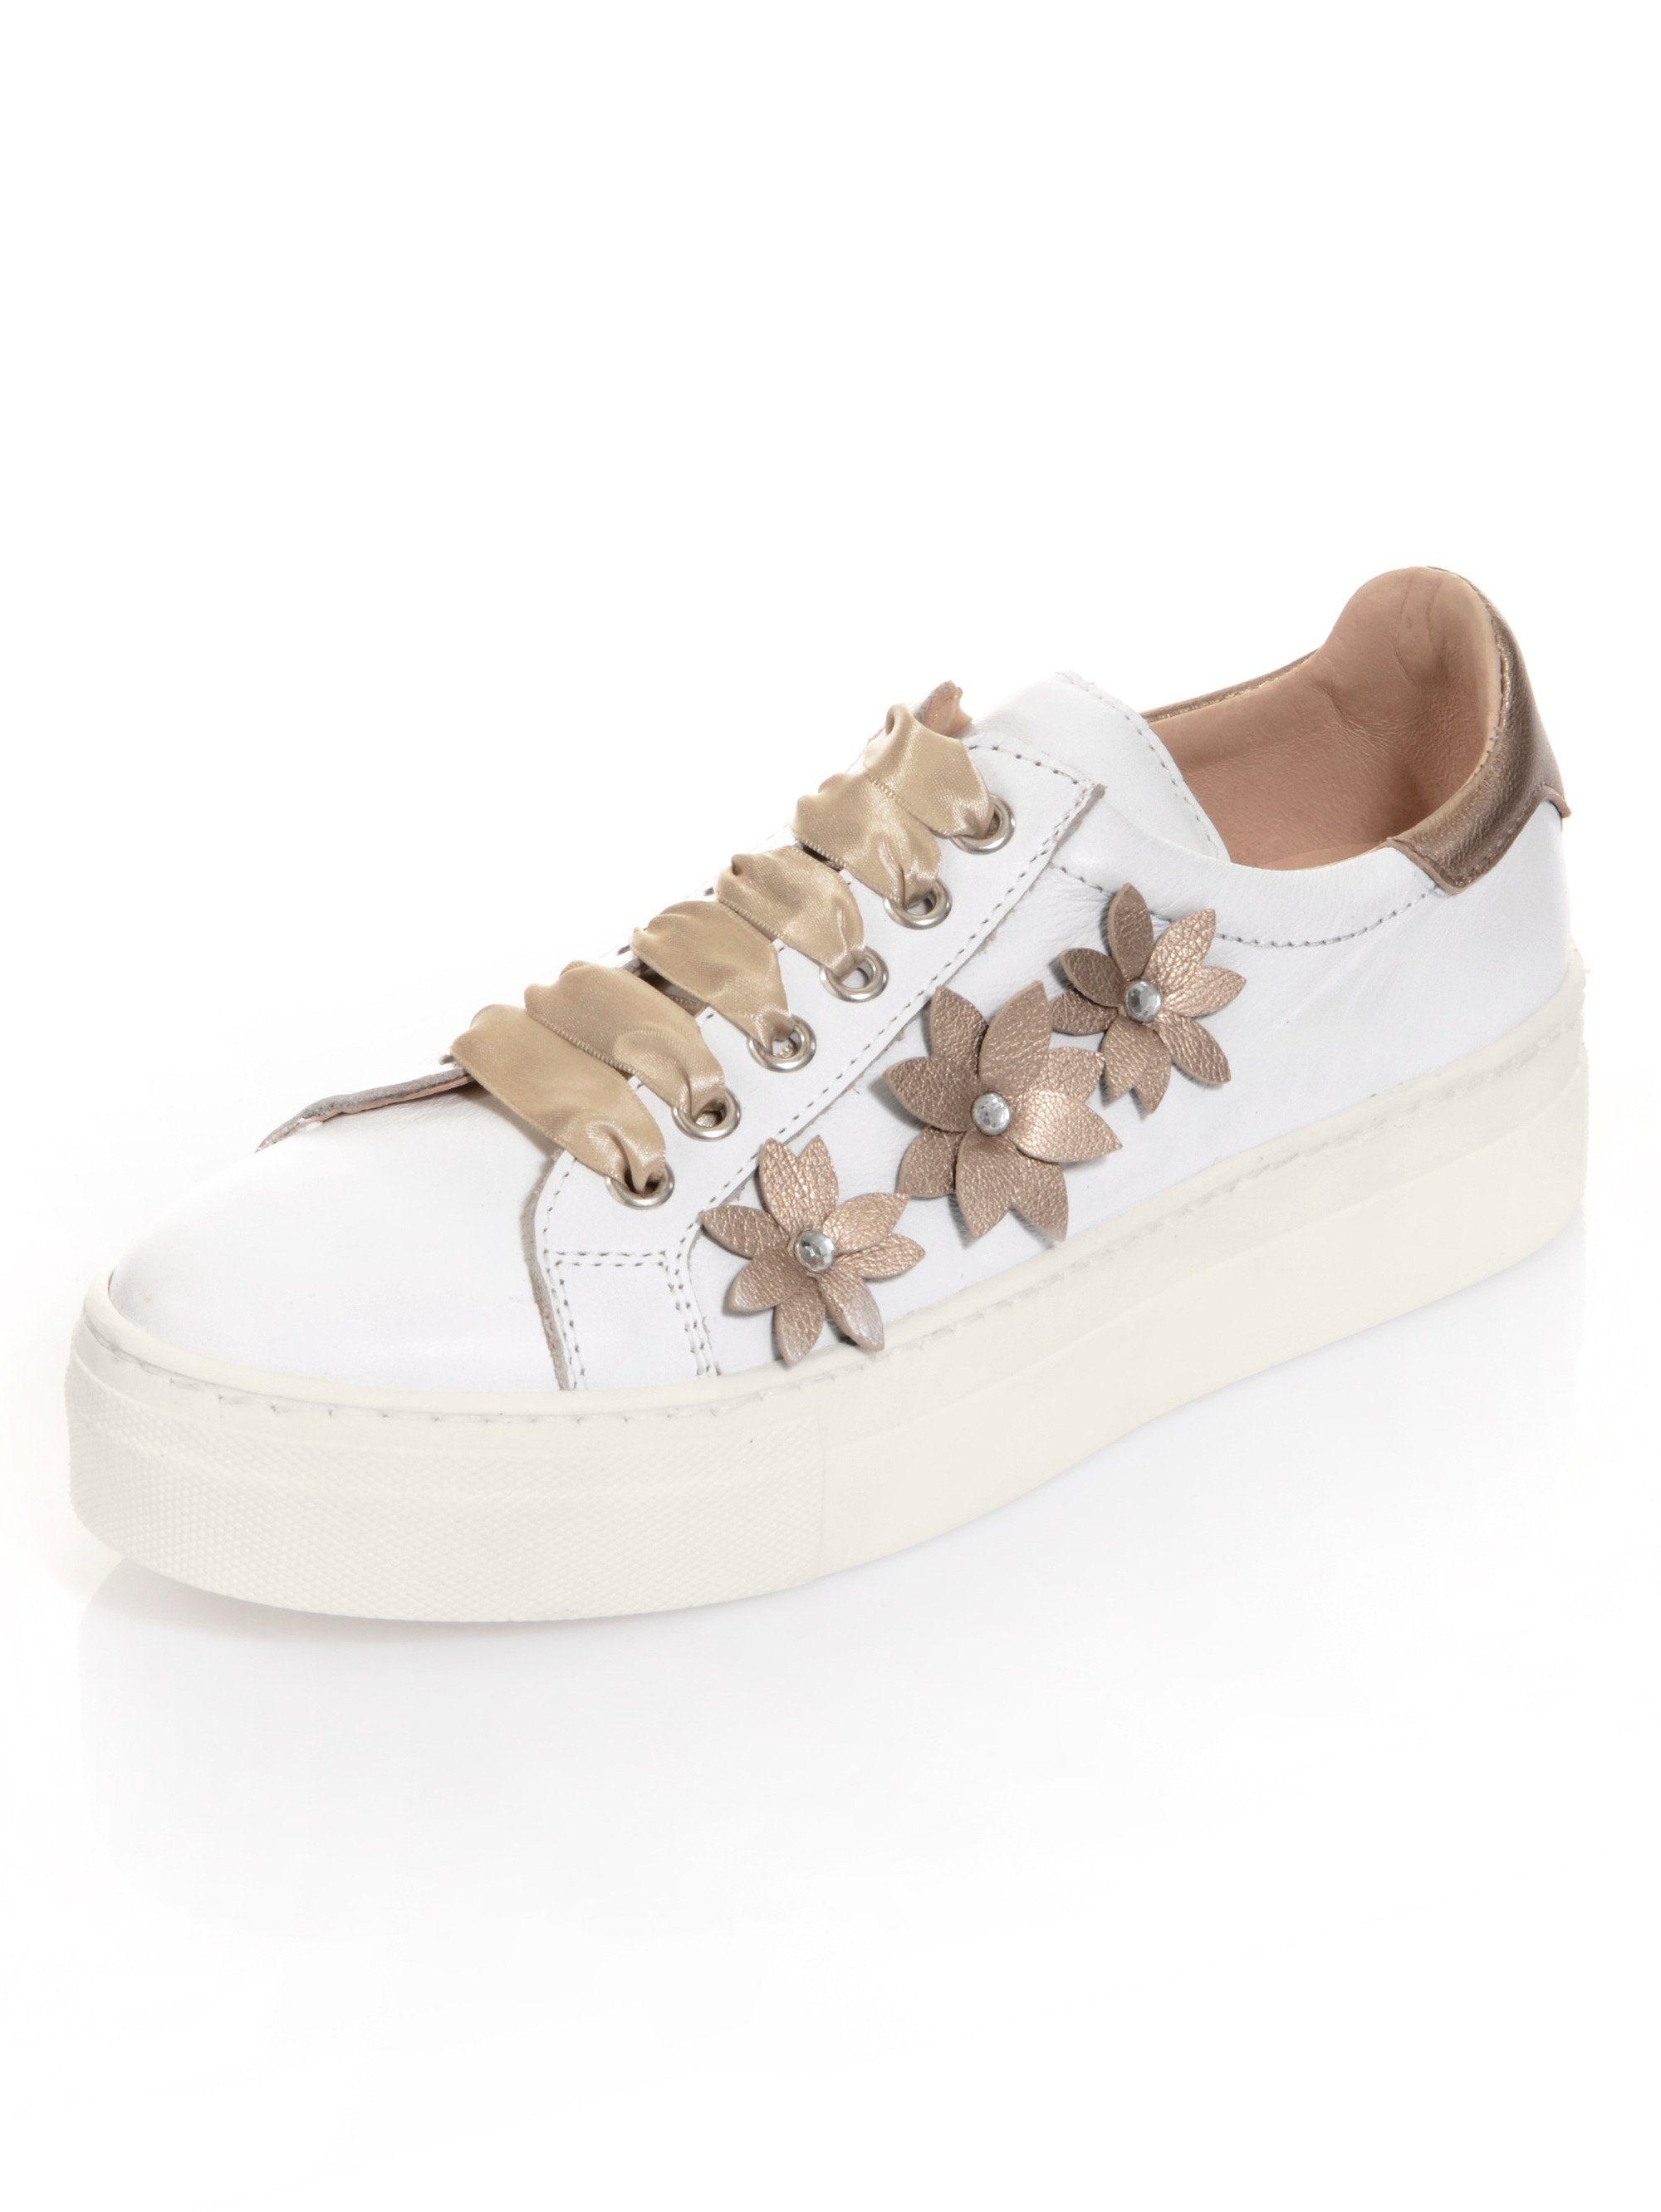 Alba Moda Sneaker mit Blumenapplikationen in leichter Metallic-Optik online kaufen  weiß#ft5_slash#platin